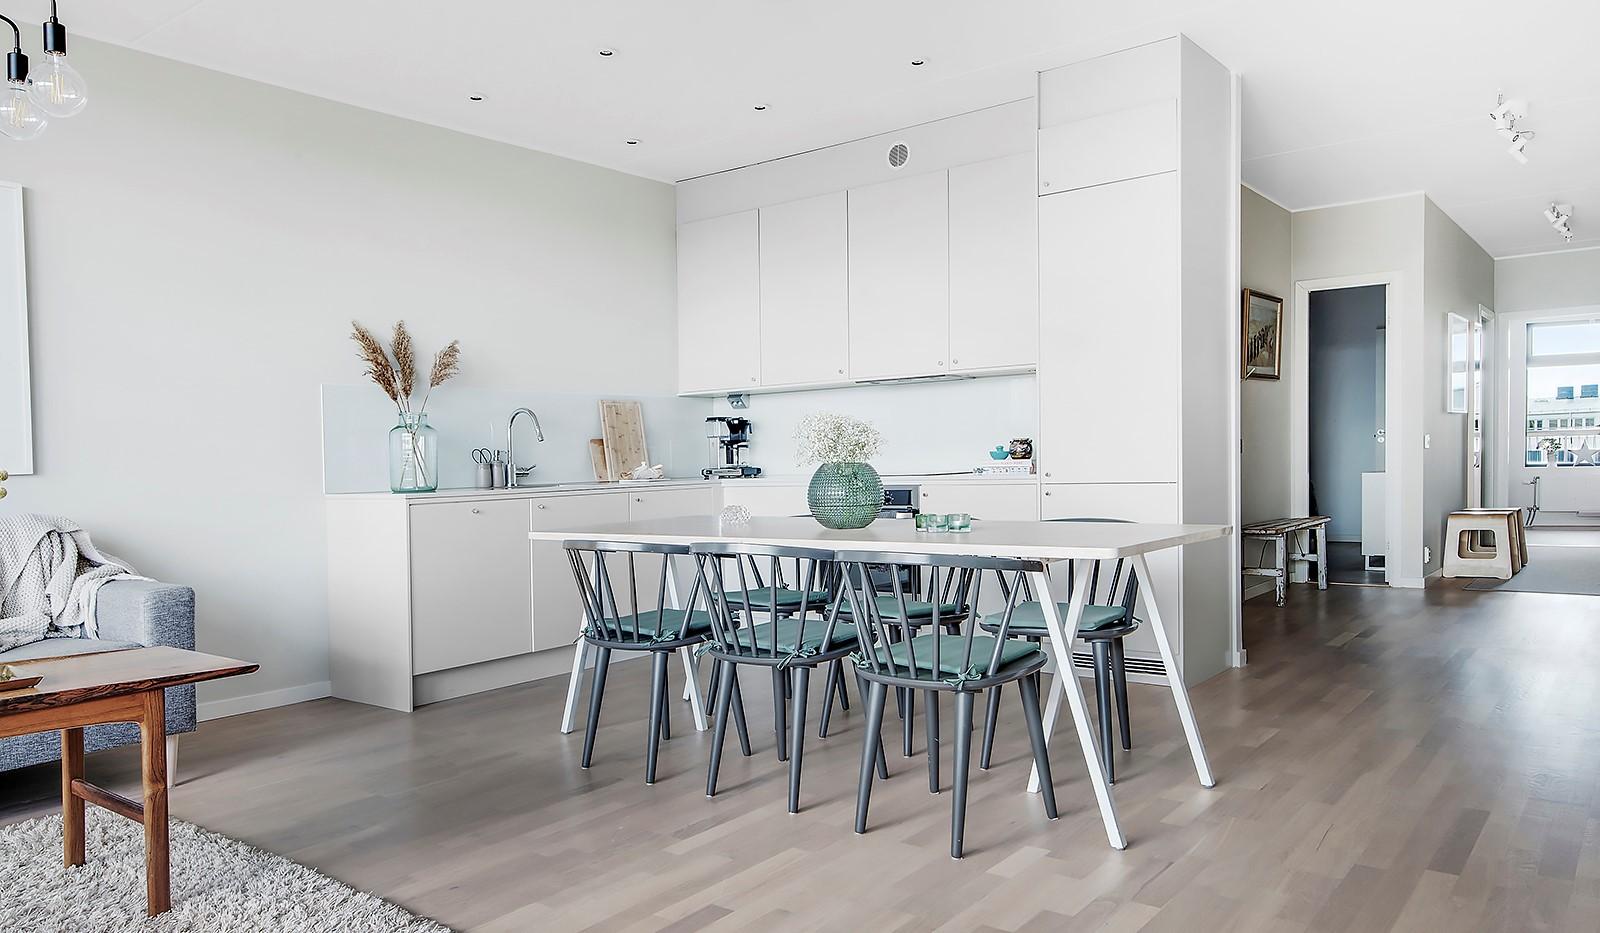 Liljeholmsvägen 12, 6tr - Köket har spotlights och fin marmor